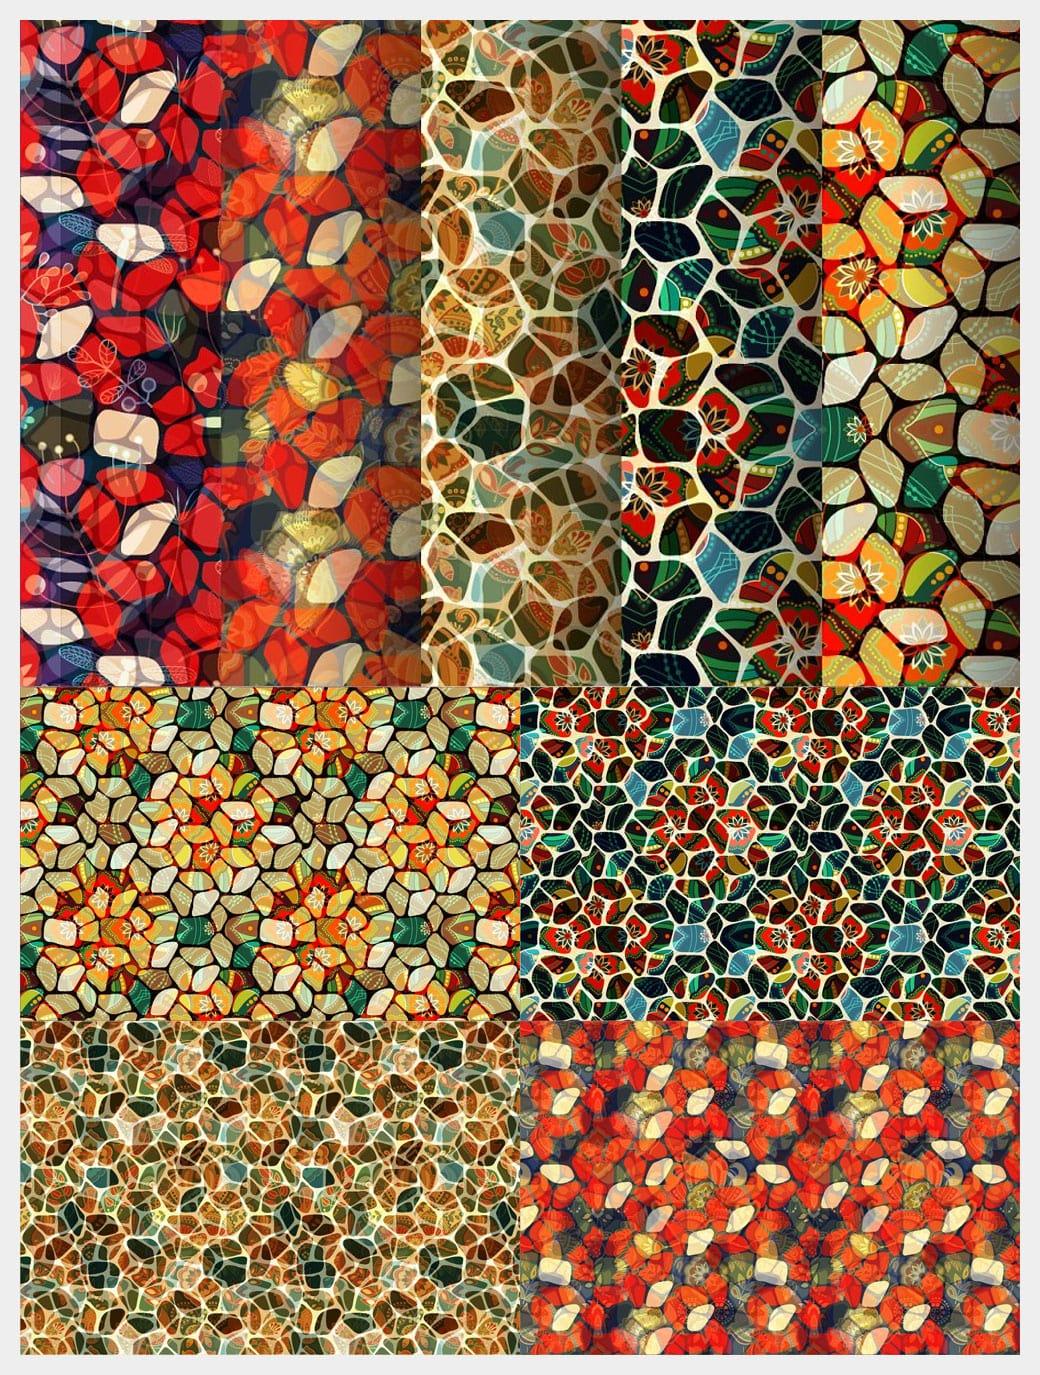 Mosaic Seamless Patterns